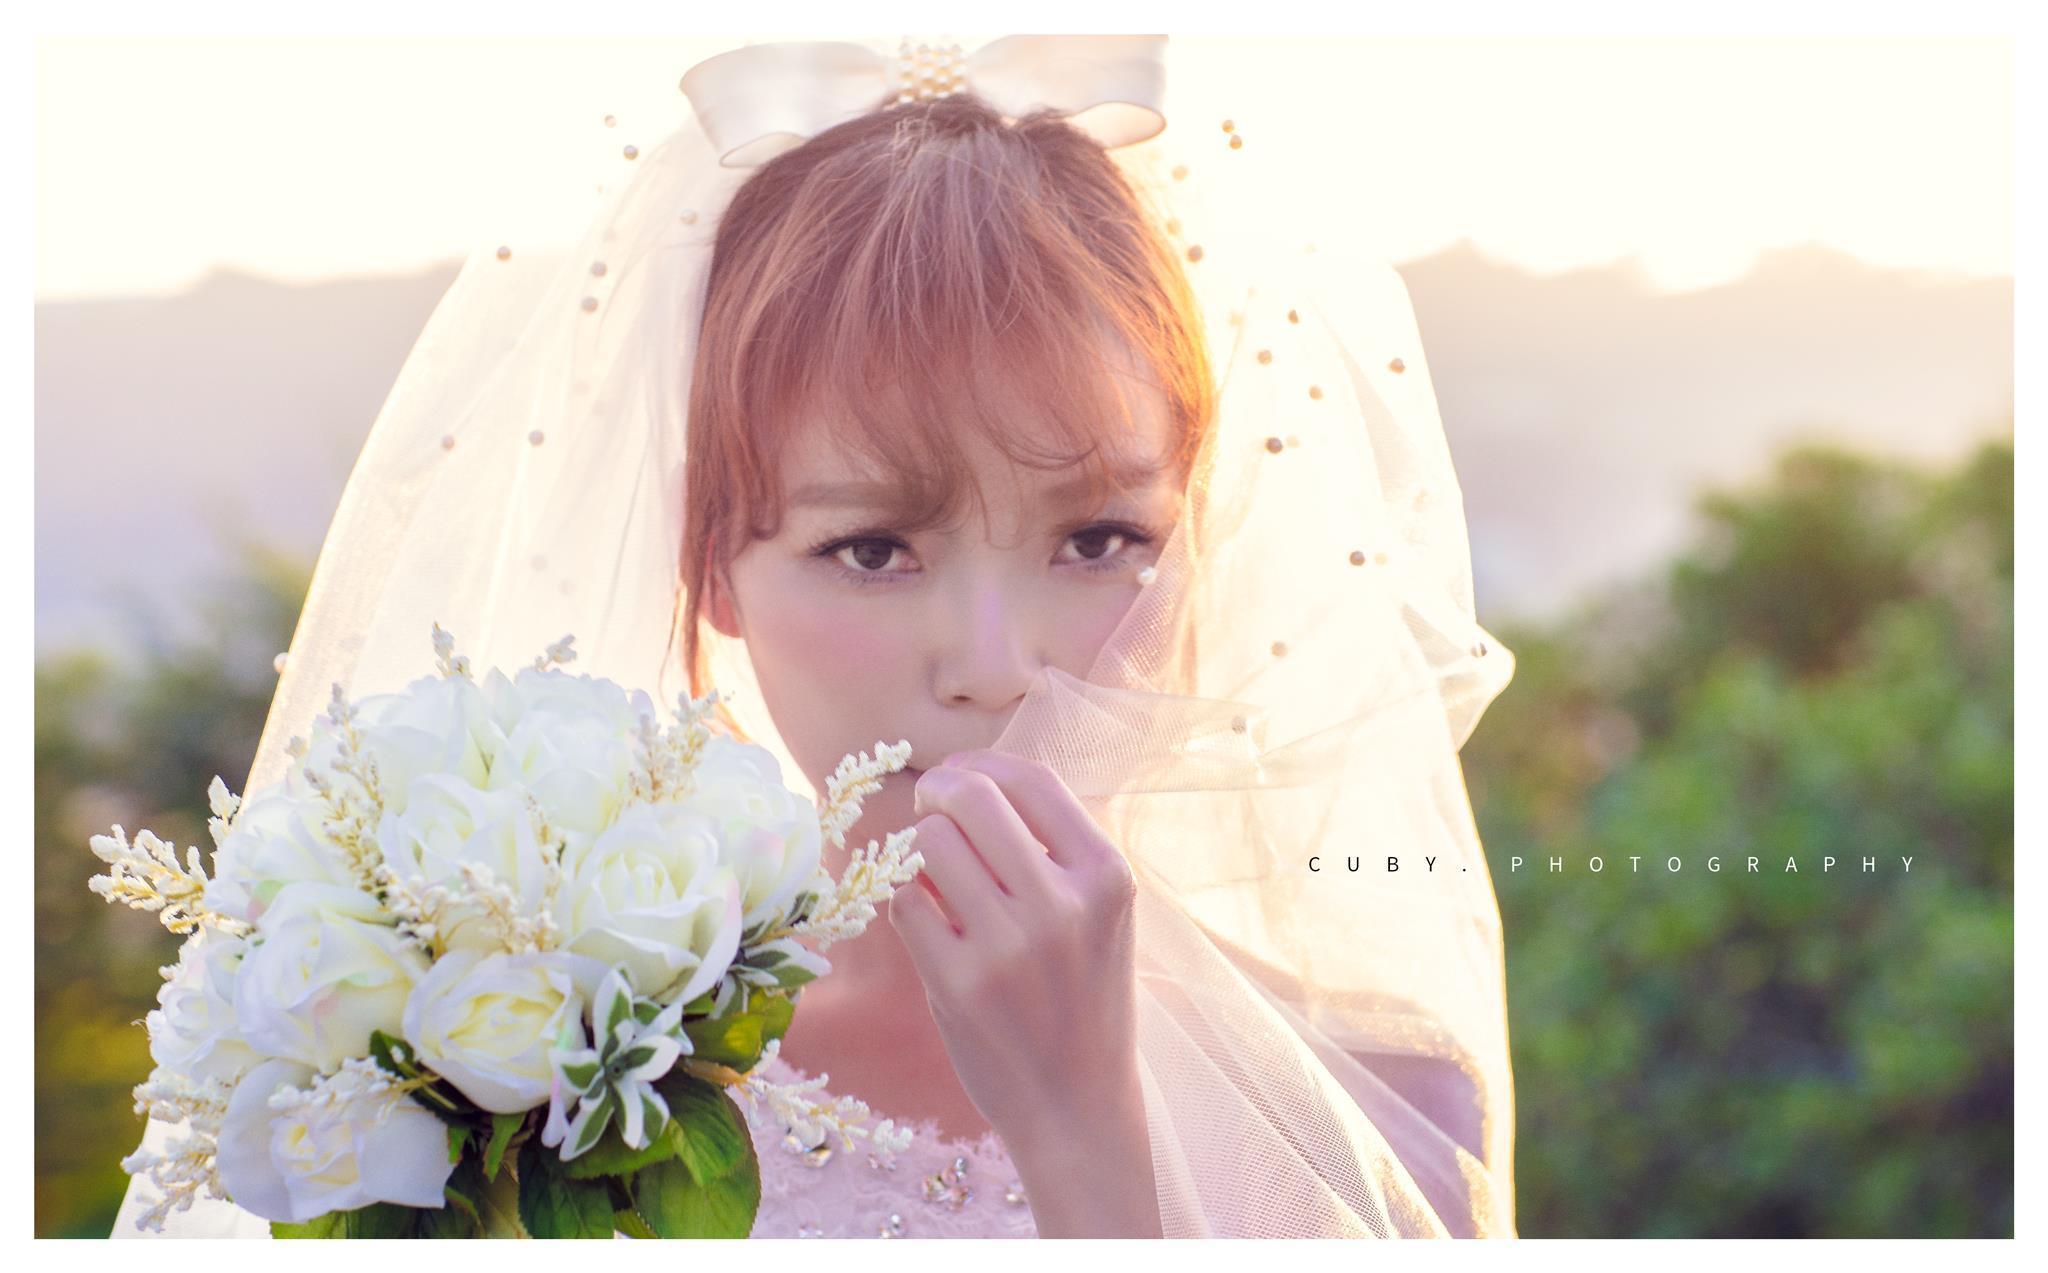 CUBY_酷比攝影_東華影樓_婚紗_婚攝_婚禮記錄003